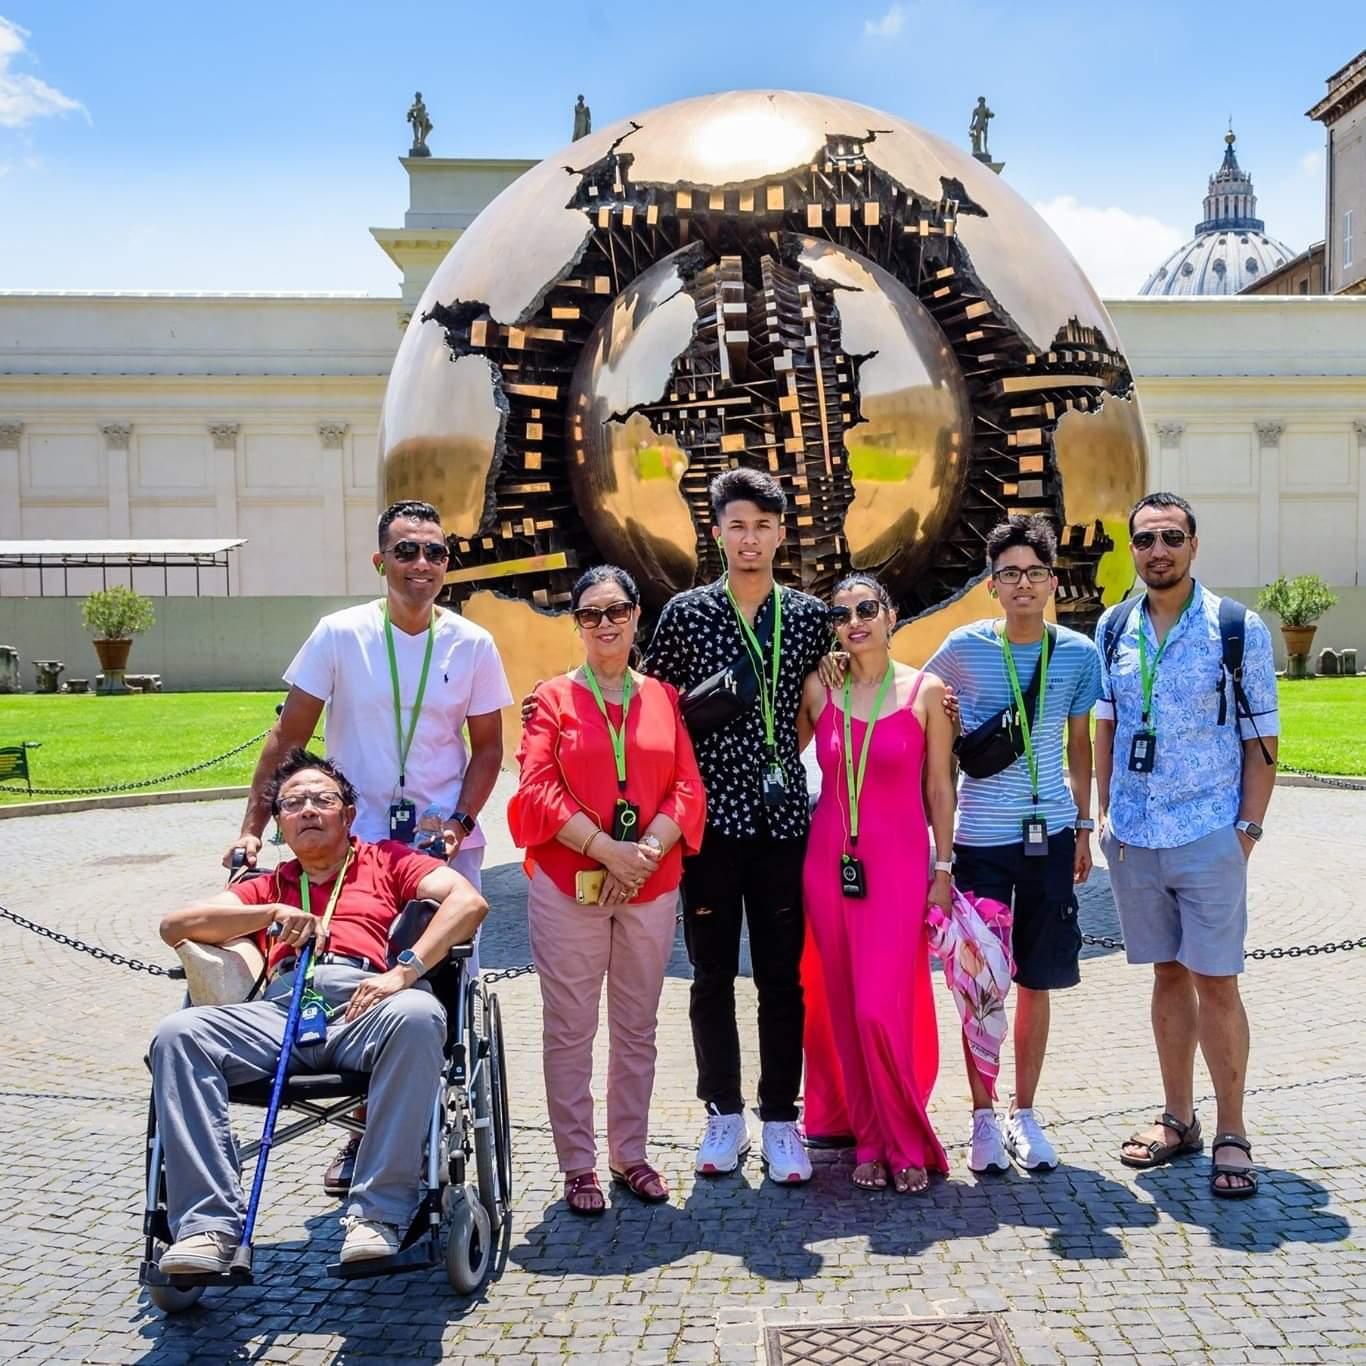 Tour Vaticano in Sedia a rotelle